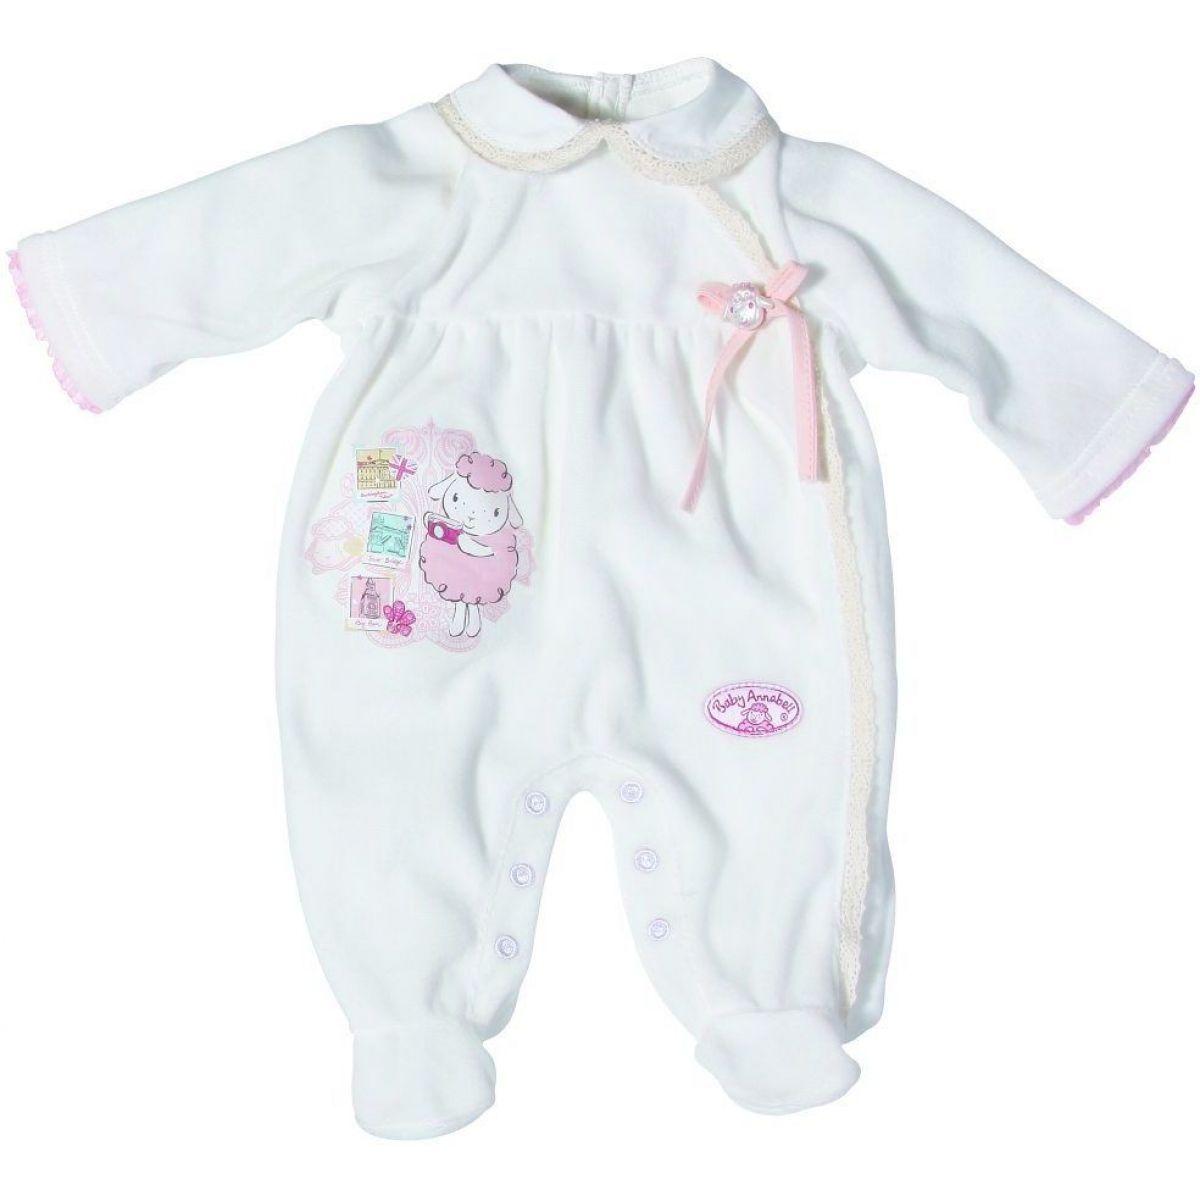 Baby Annabell Oblečení dupačky - Bílé